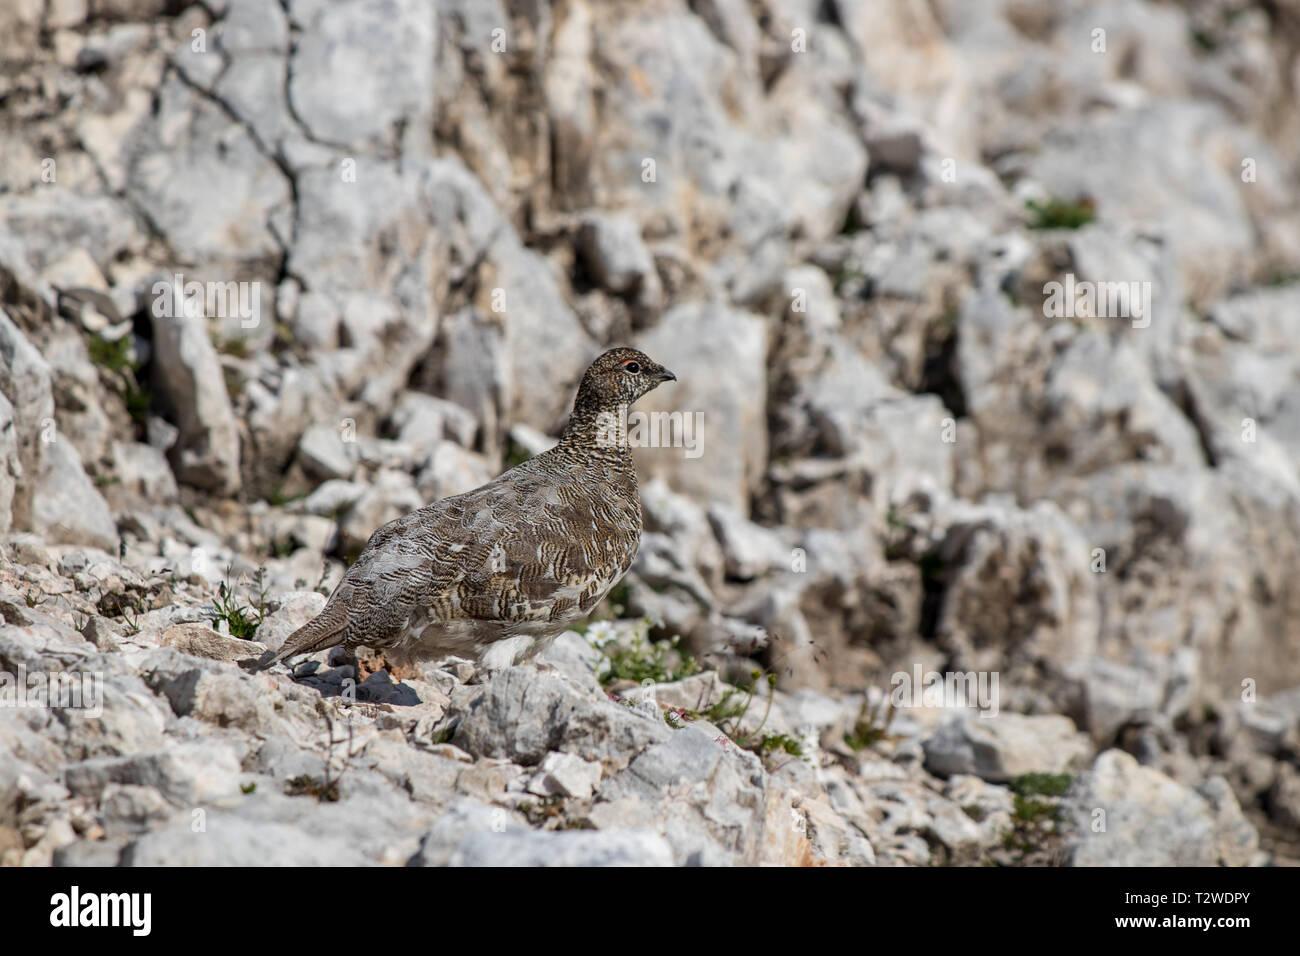 rock ptarmigan on the rock close up - Stock Image